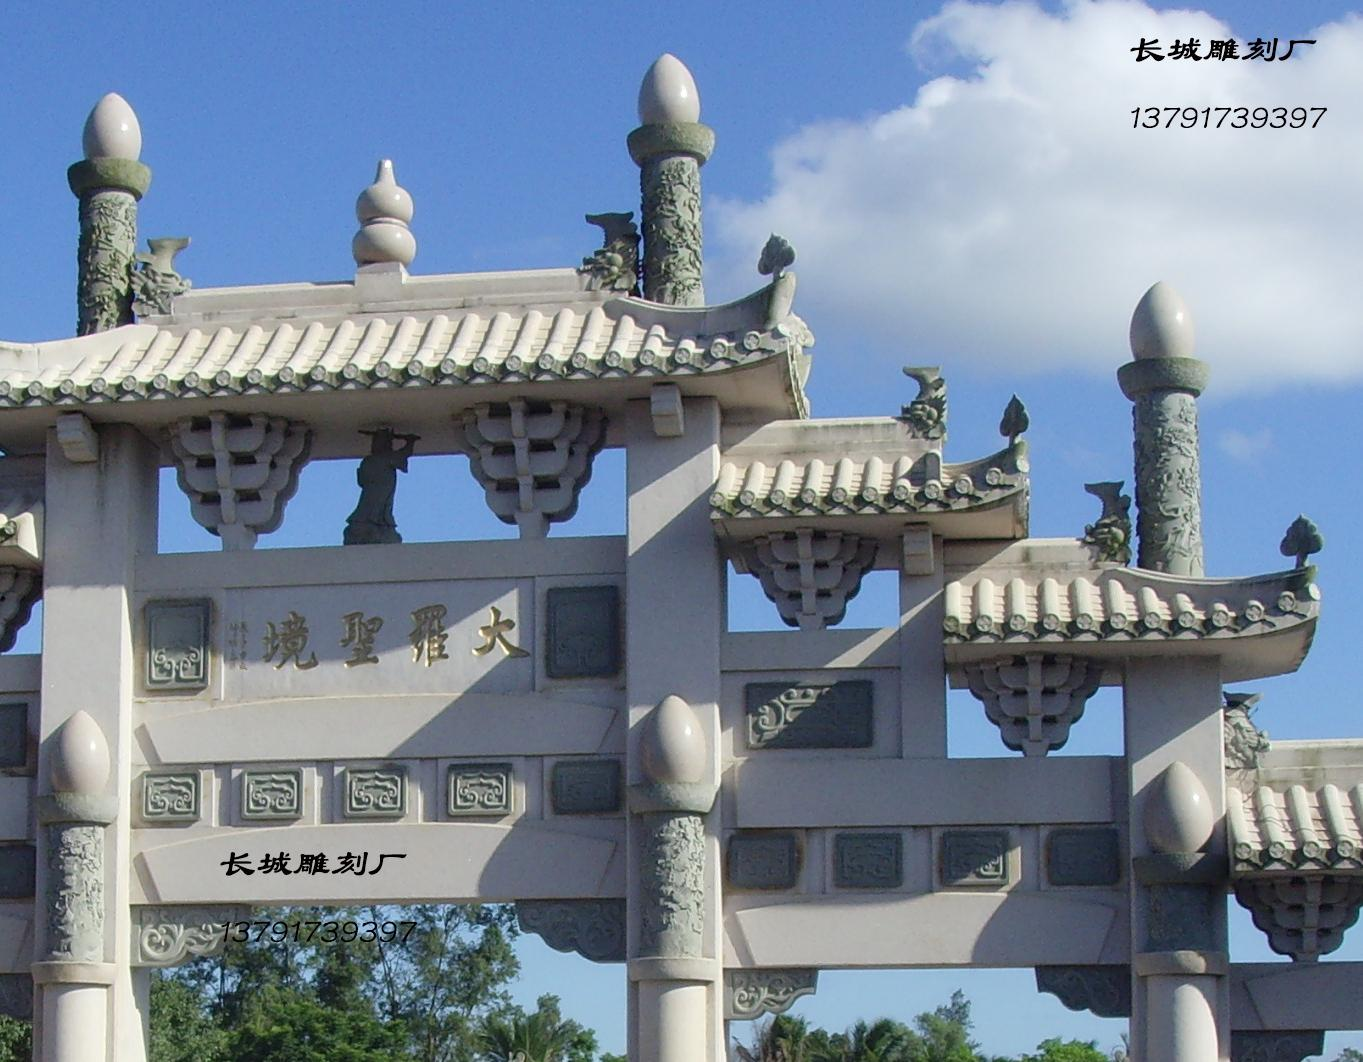 道教石雕牌楼